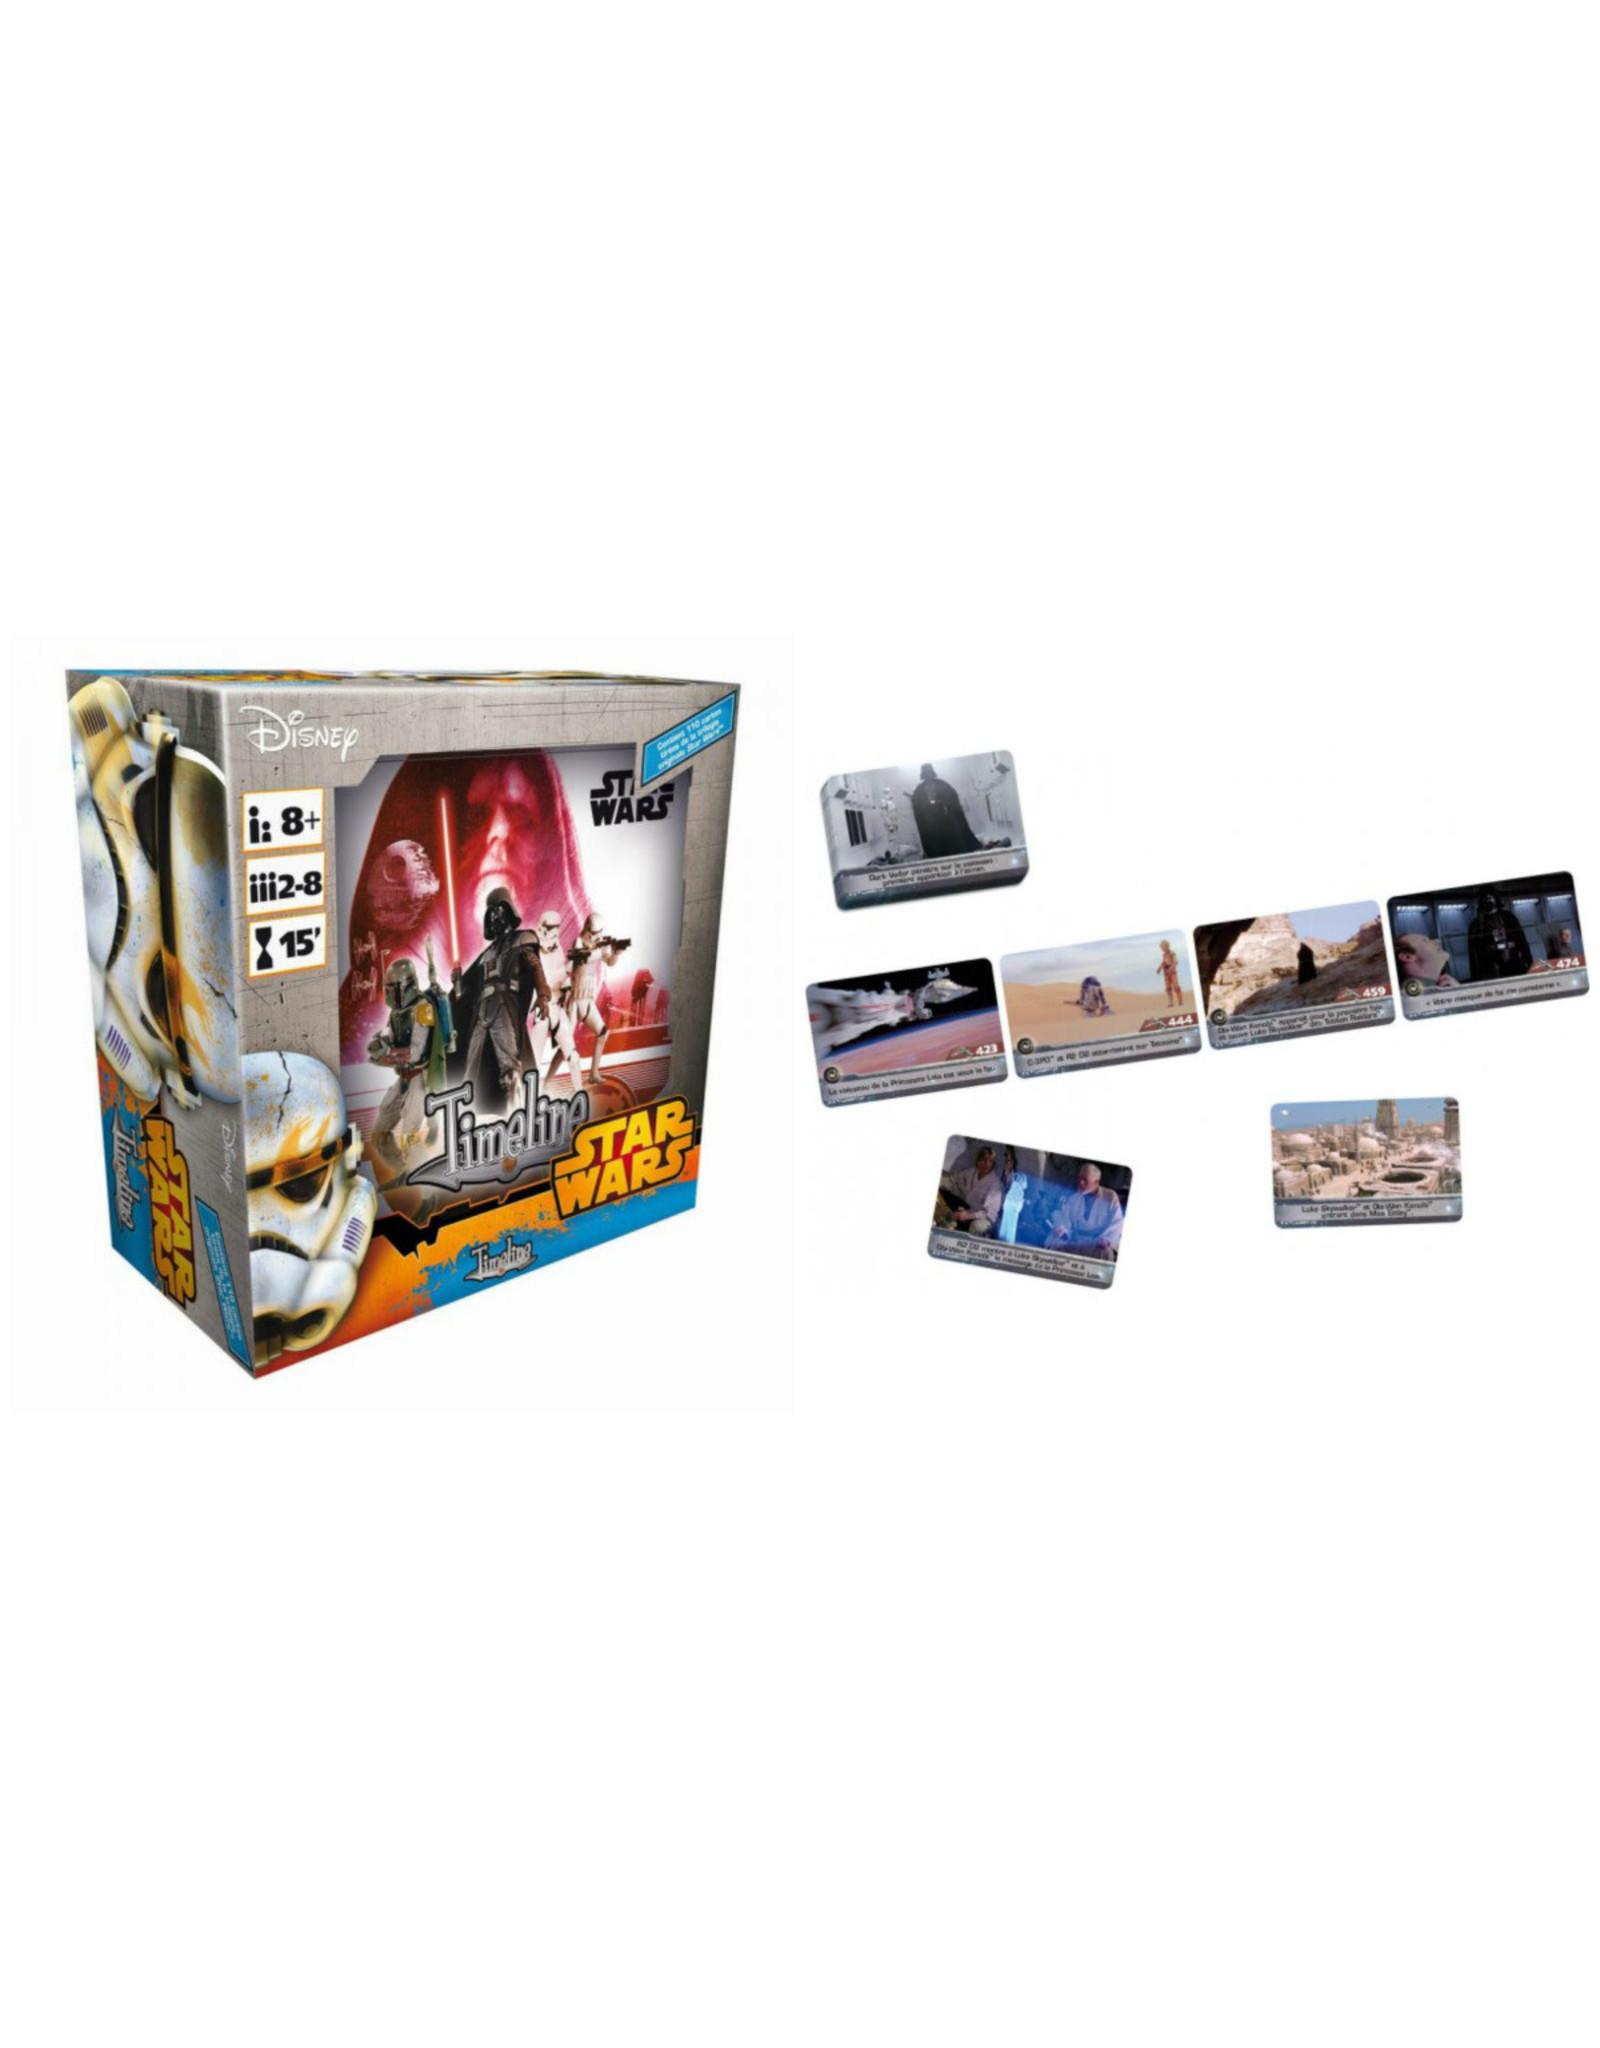 STAR WARS - Time Line - Star Wars I